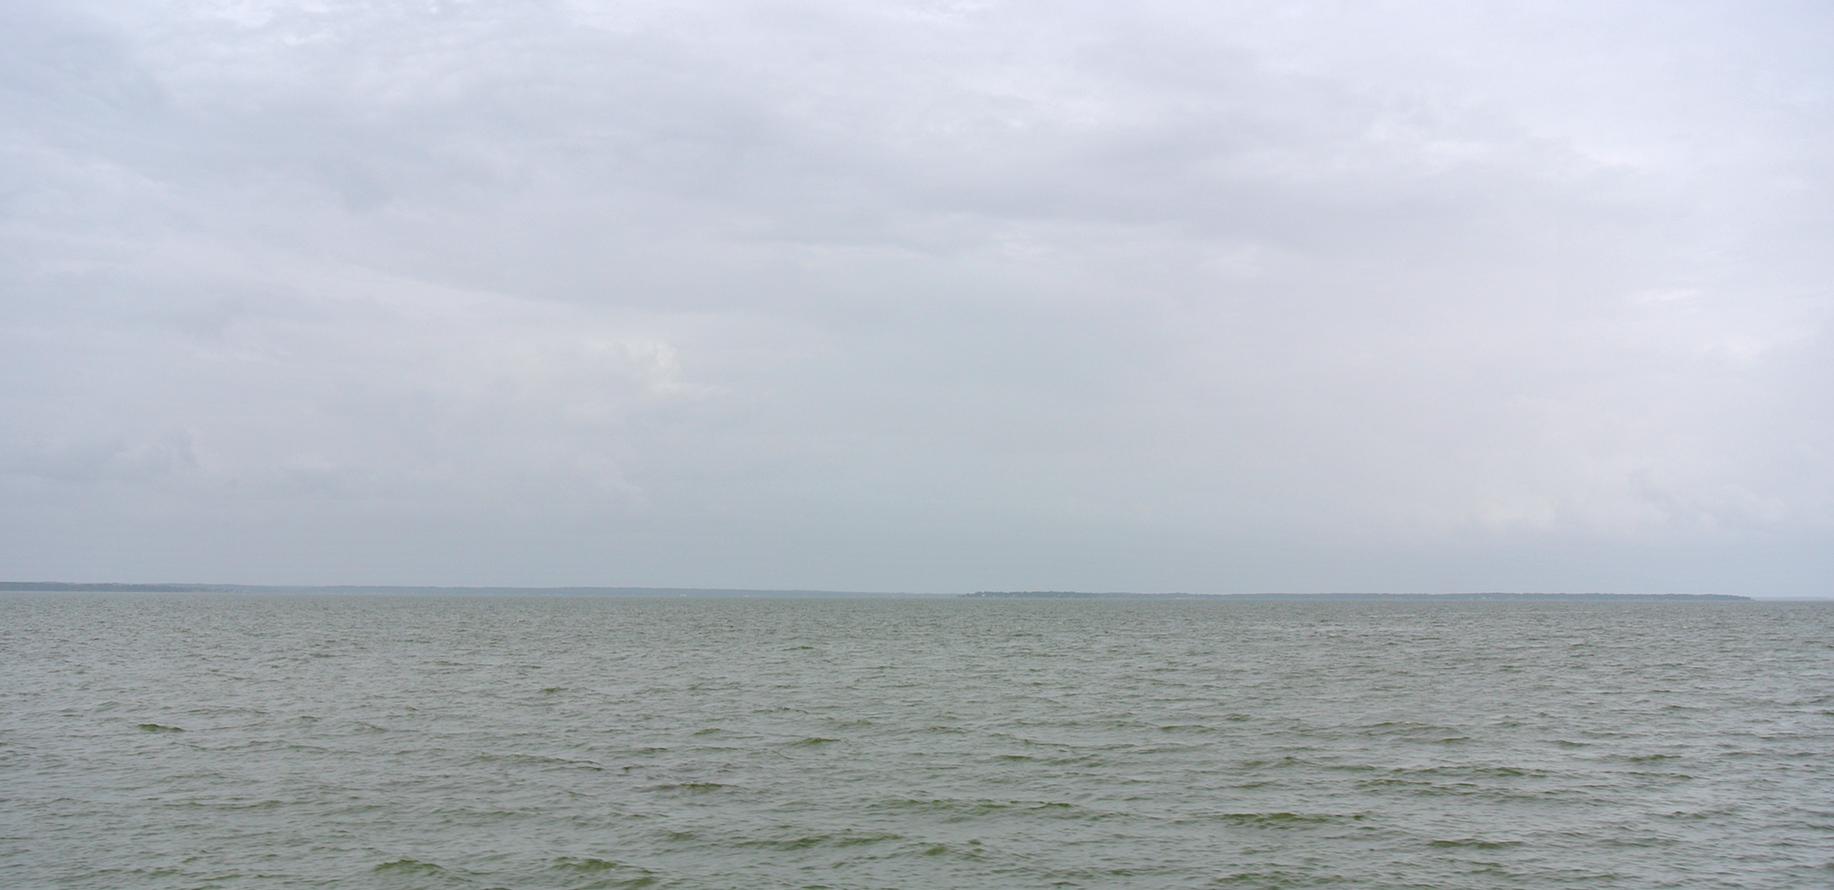 Screen Shot 2014-06-24 at 6.23.05 PM